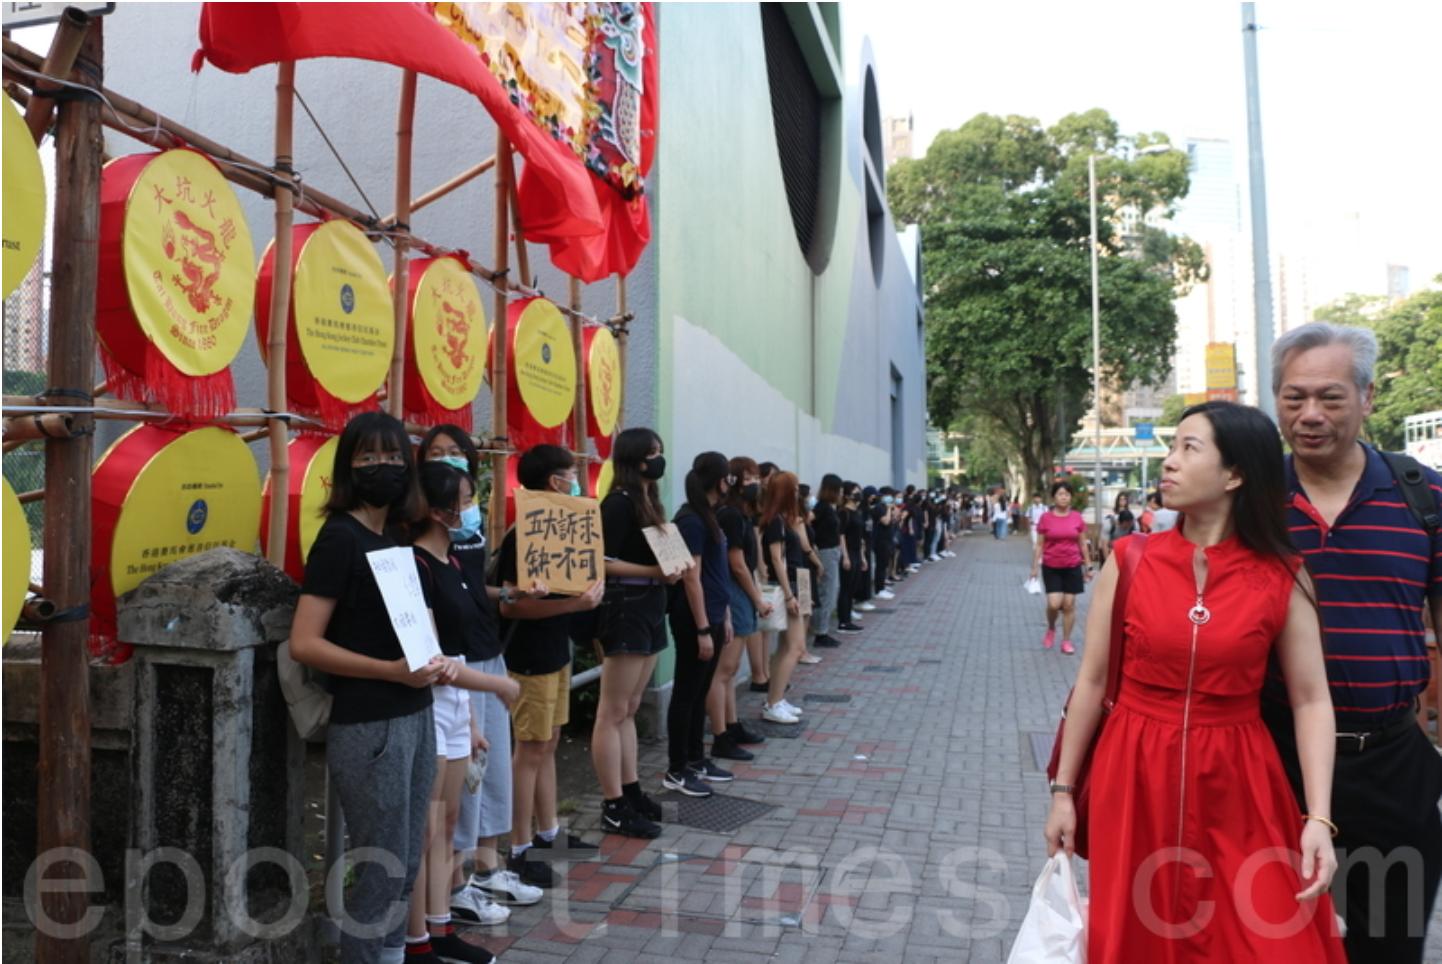 圖為今日(9月12日),皇仁書院校門外,超過兩百名的學生及舊生手拖手組成人鏈,呼籲「五大訴求,缺一不可」。(葉依帆 / 大紀元)